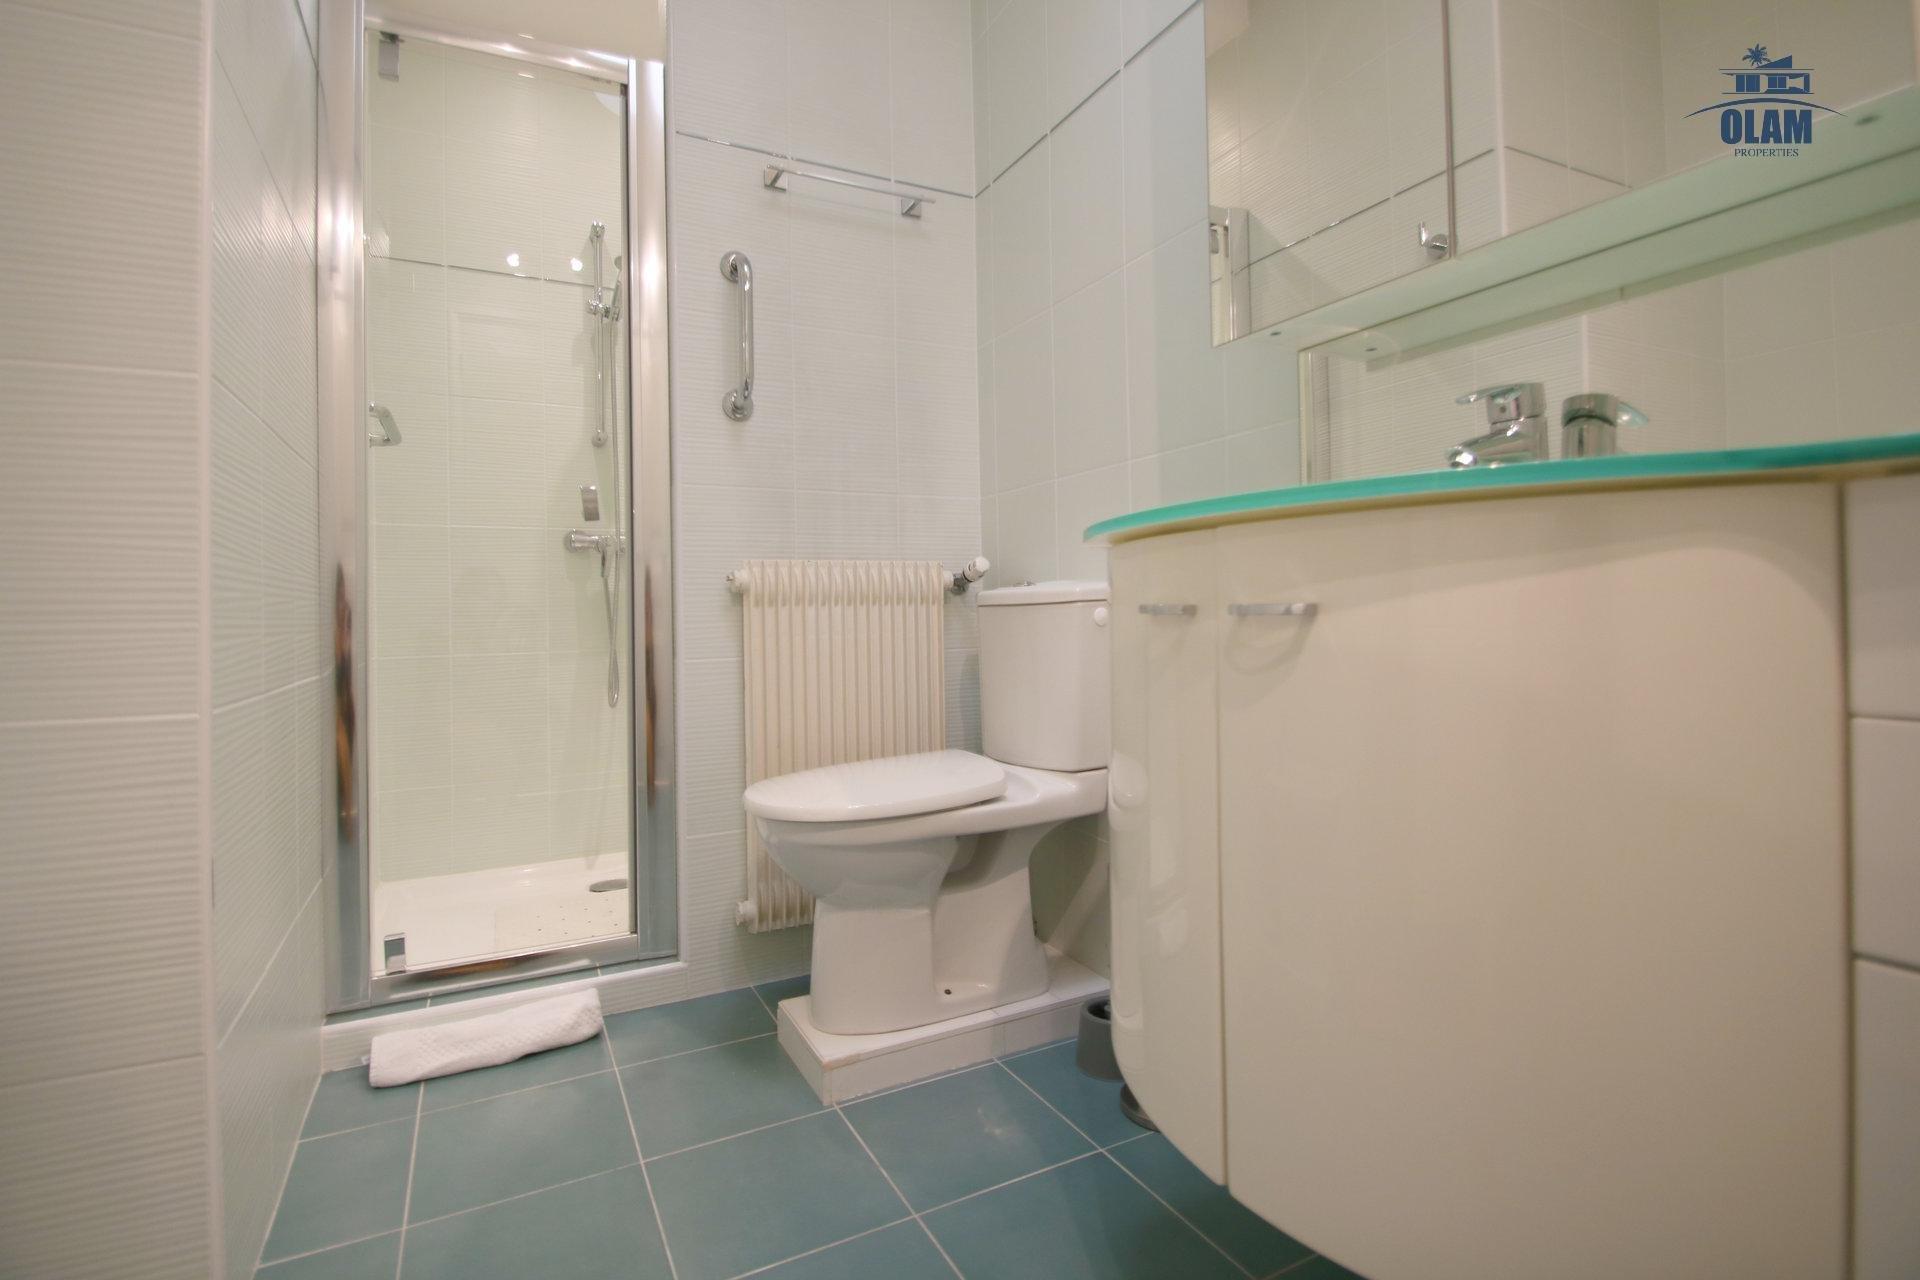 Salle de douche, wc, Cannes, Croisette, Côte d'azur